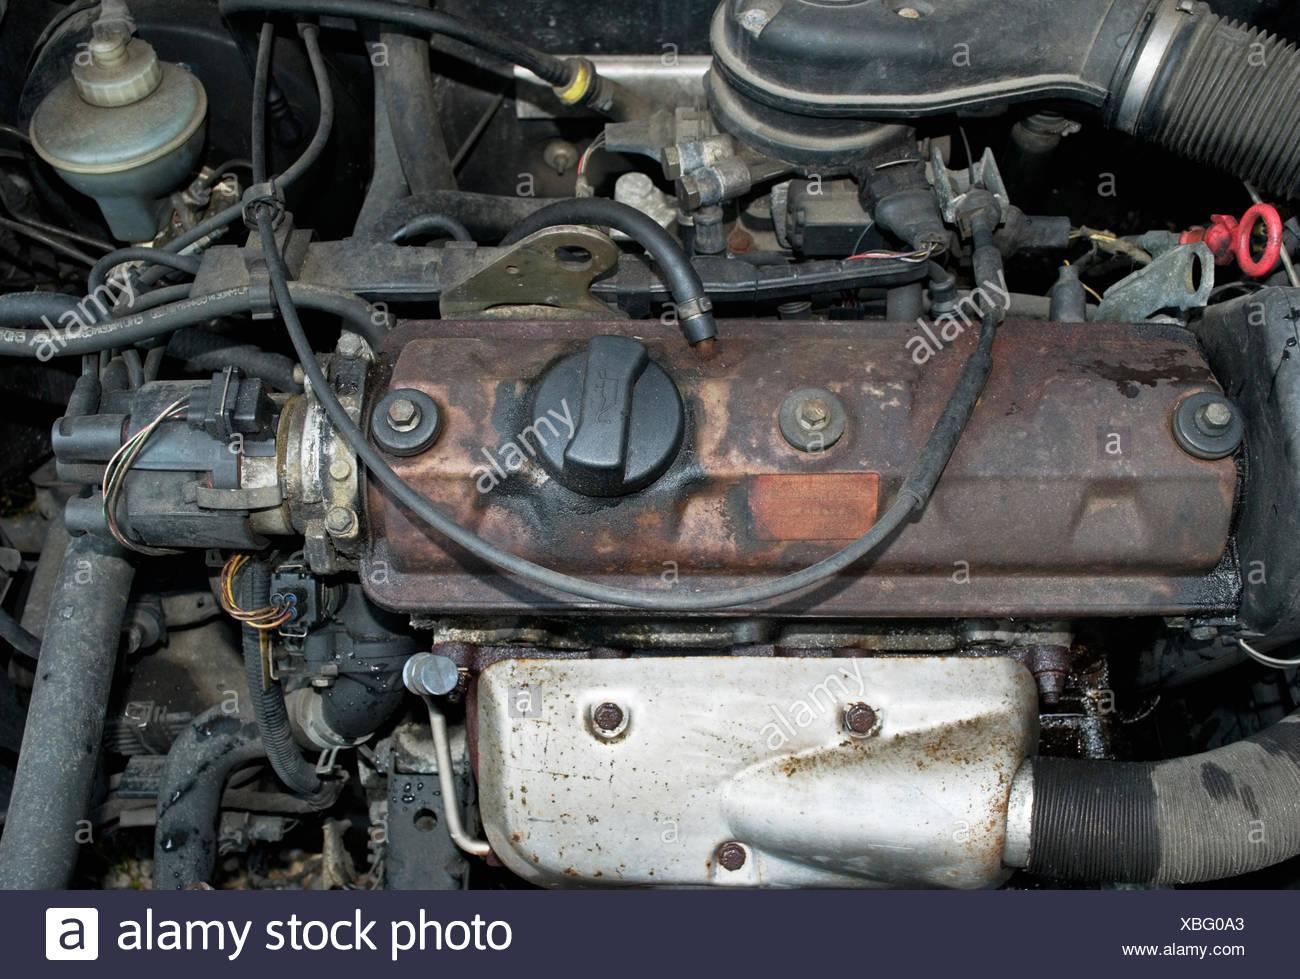 Nett Komponenten Des Automotors Bilder - Schaltplan Serie Circuit ...